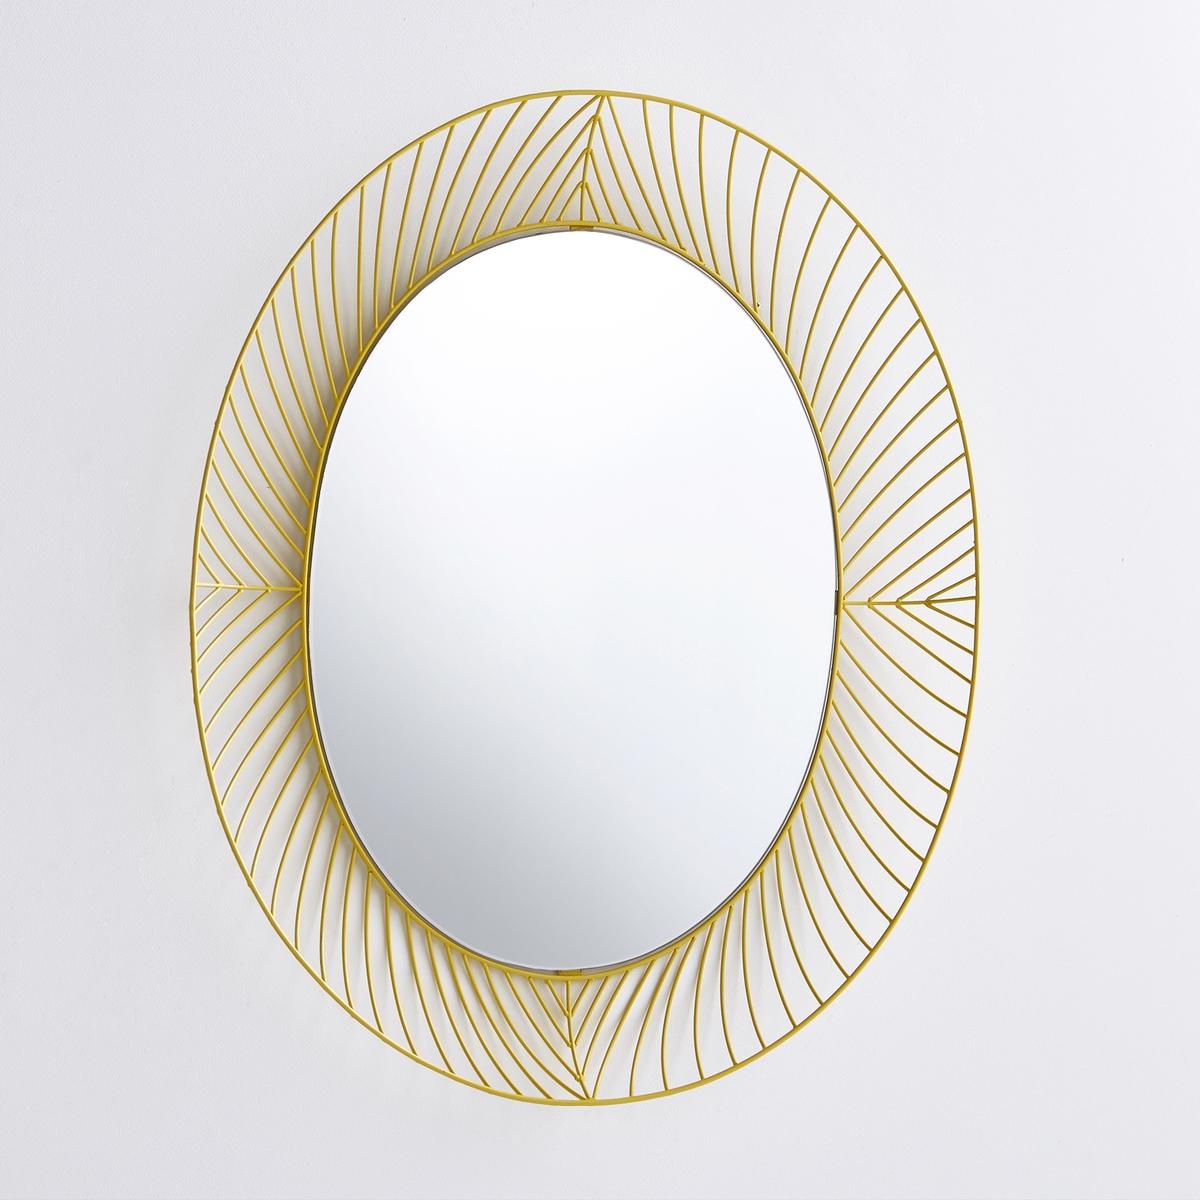 Зеркало овальное Stilk, дизайн от Colonel для Serax, Ш.65 x В.80 смЗеркало Stilk дизайн от Colonel для Serax. Ажурное зеркало из сплавленных нитей железа наполнит Ваш дом нежностью и изысканностью.Характеристики :- Зеркало в оправе из спаянных стальных проволок- Отделка желтой эпоксидной краскойРазмеры  : - Ш.65 x В.80 x Г.6 см<br><br>Цвет: желтый